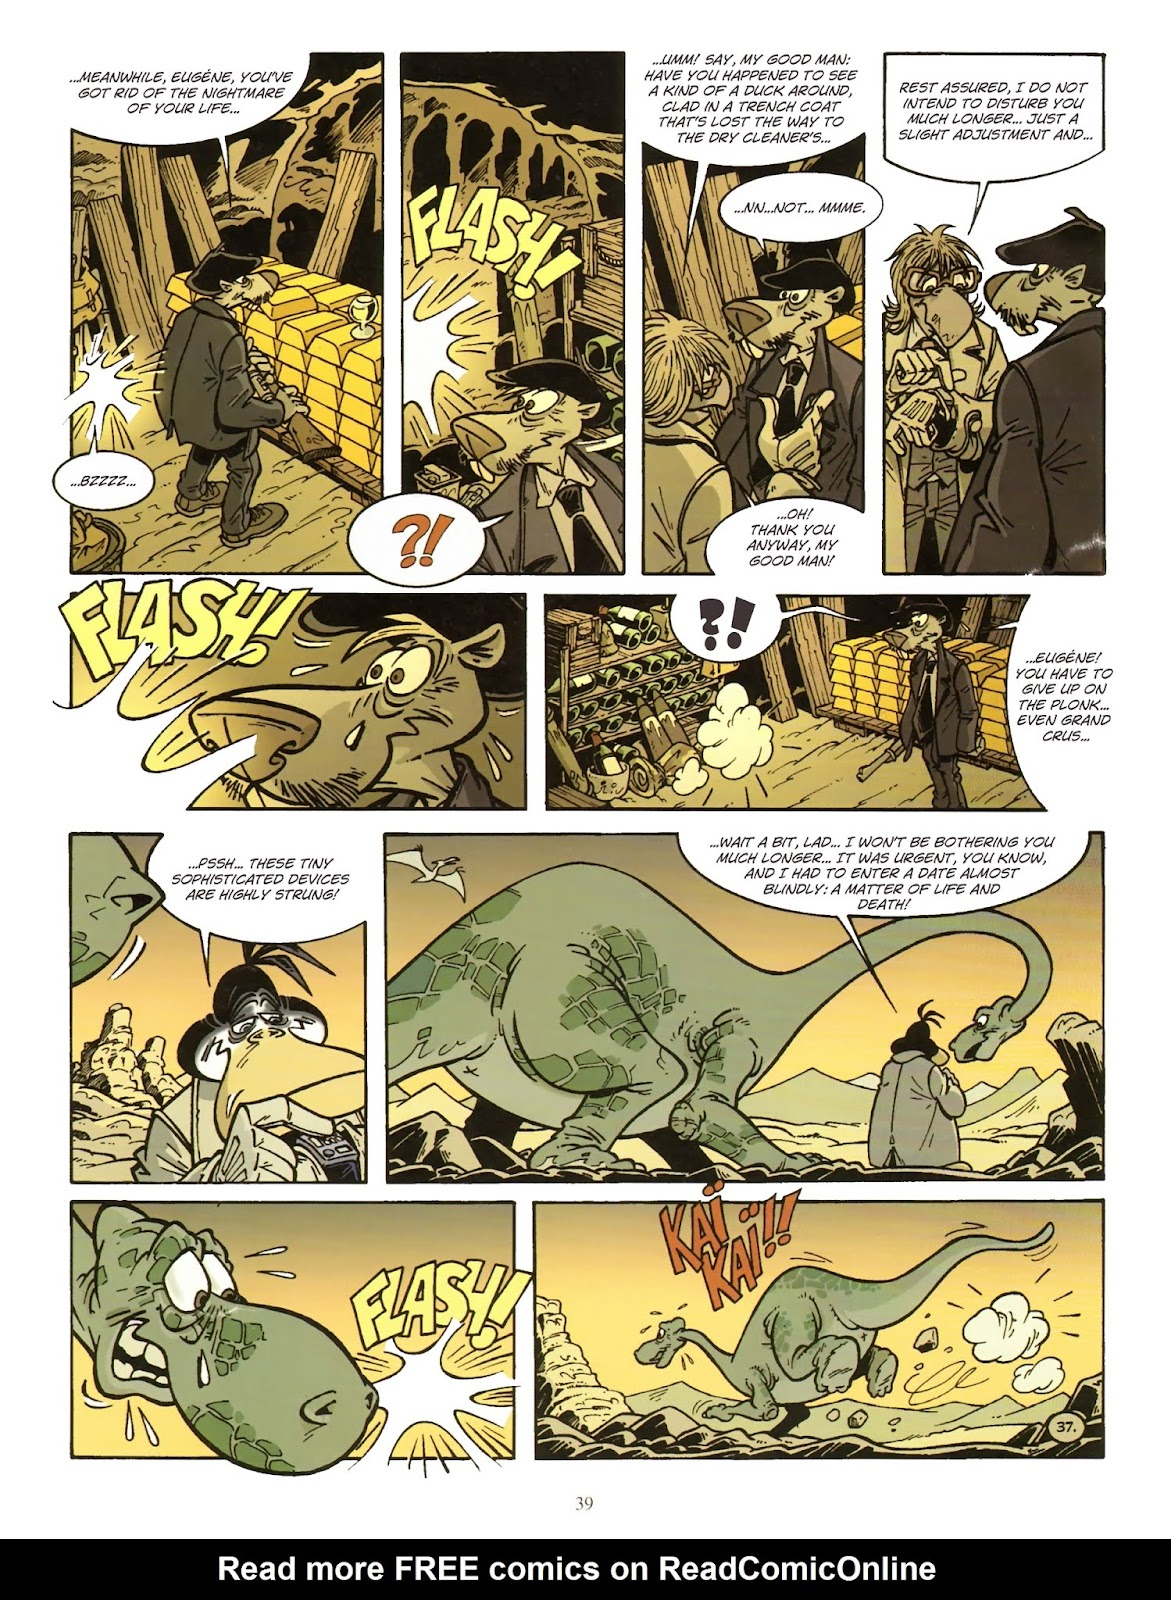 Une enquête de l'inspecteur Canardo issue 11 - Page 40